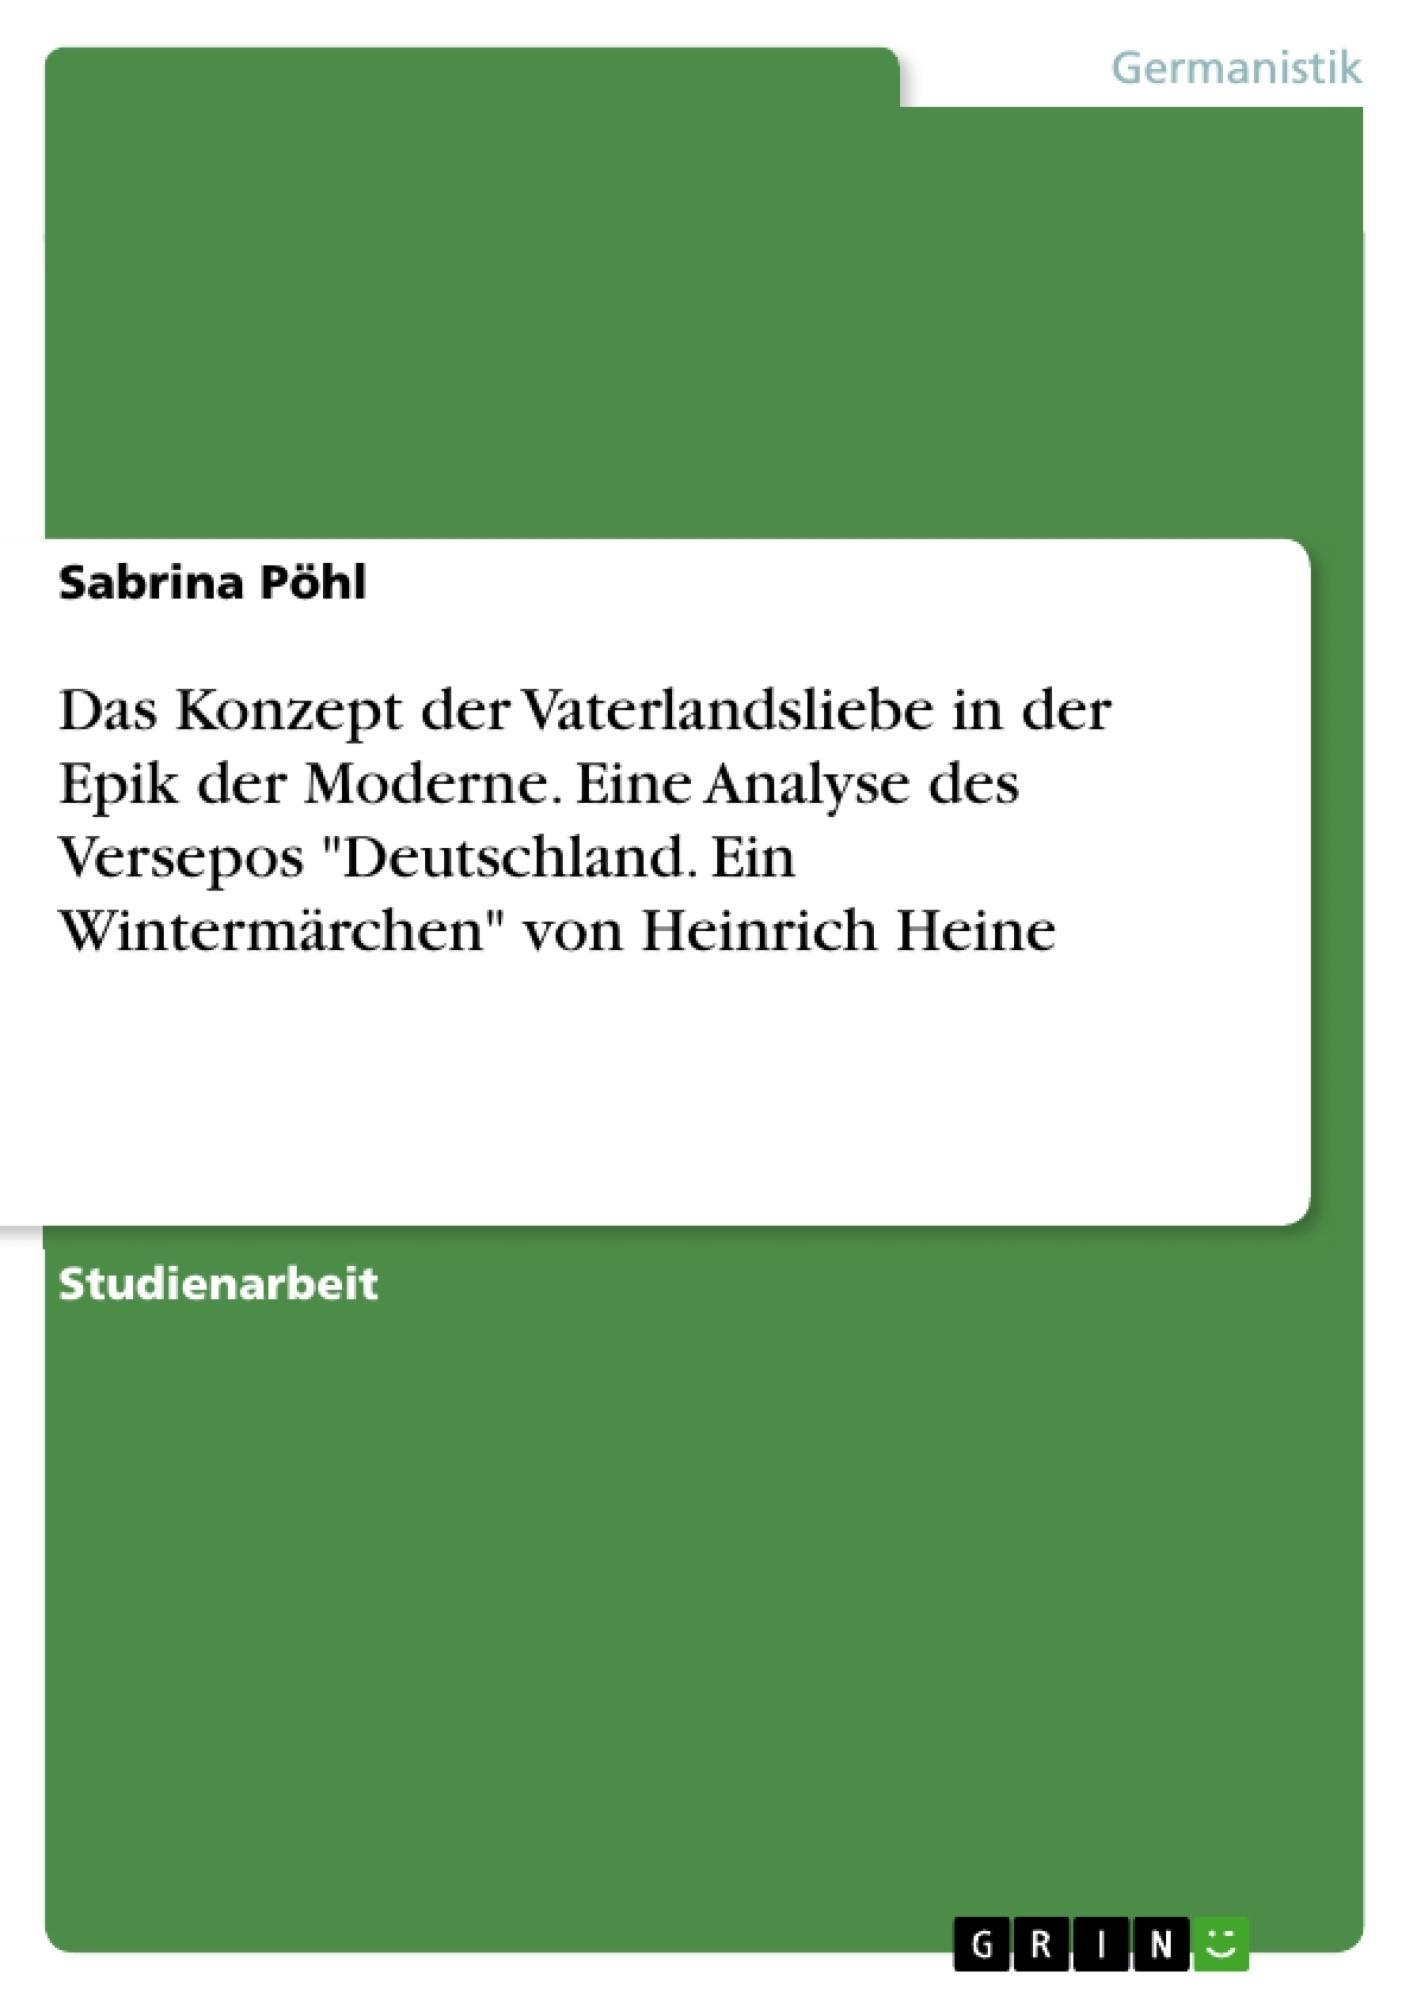 """Titel: Das Konzept der Vaterlandsliebe in der Epik der Moderne. Eine Analyse des Versepos """"Deutschland. Ein Wintermärchen"""" von Heinrich Heine"""